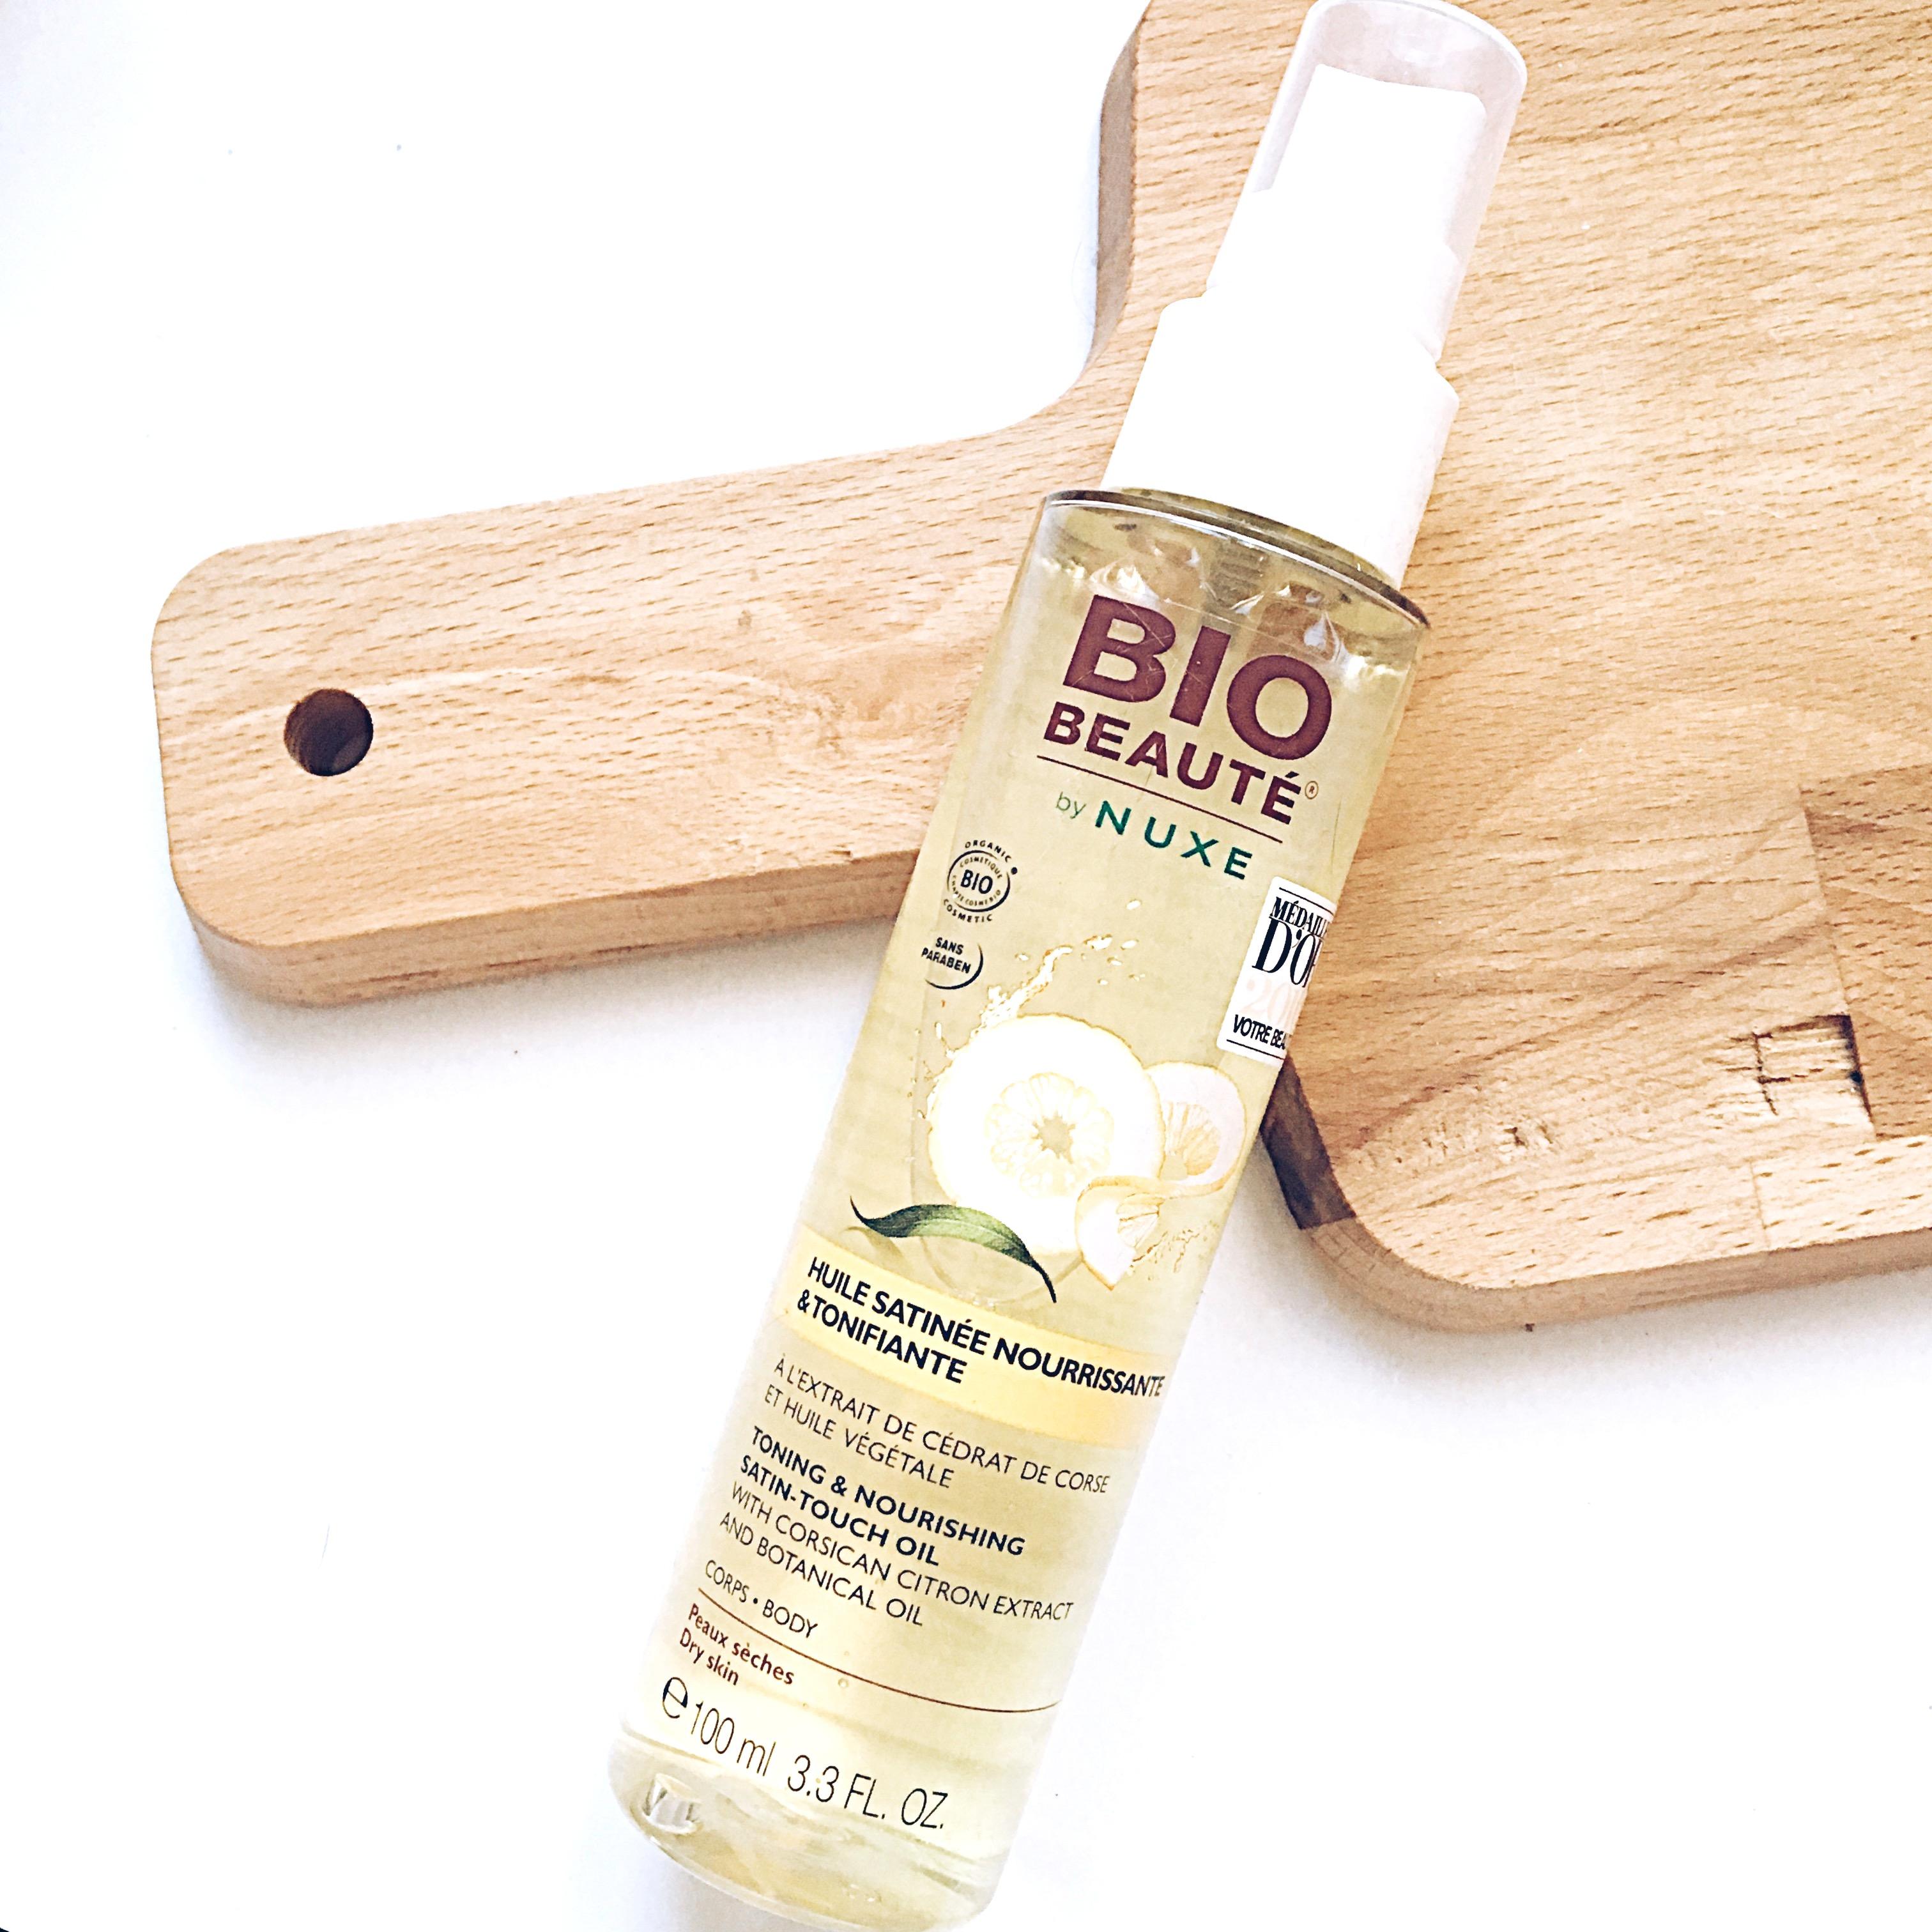 bio-beaute-nuxe-6